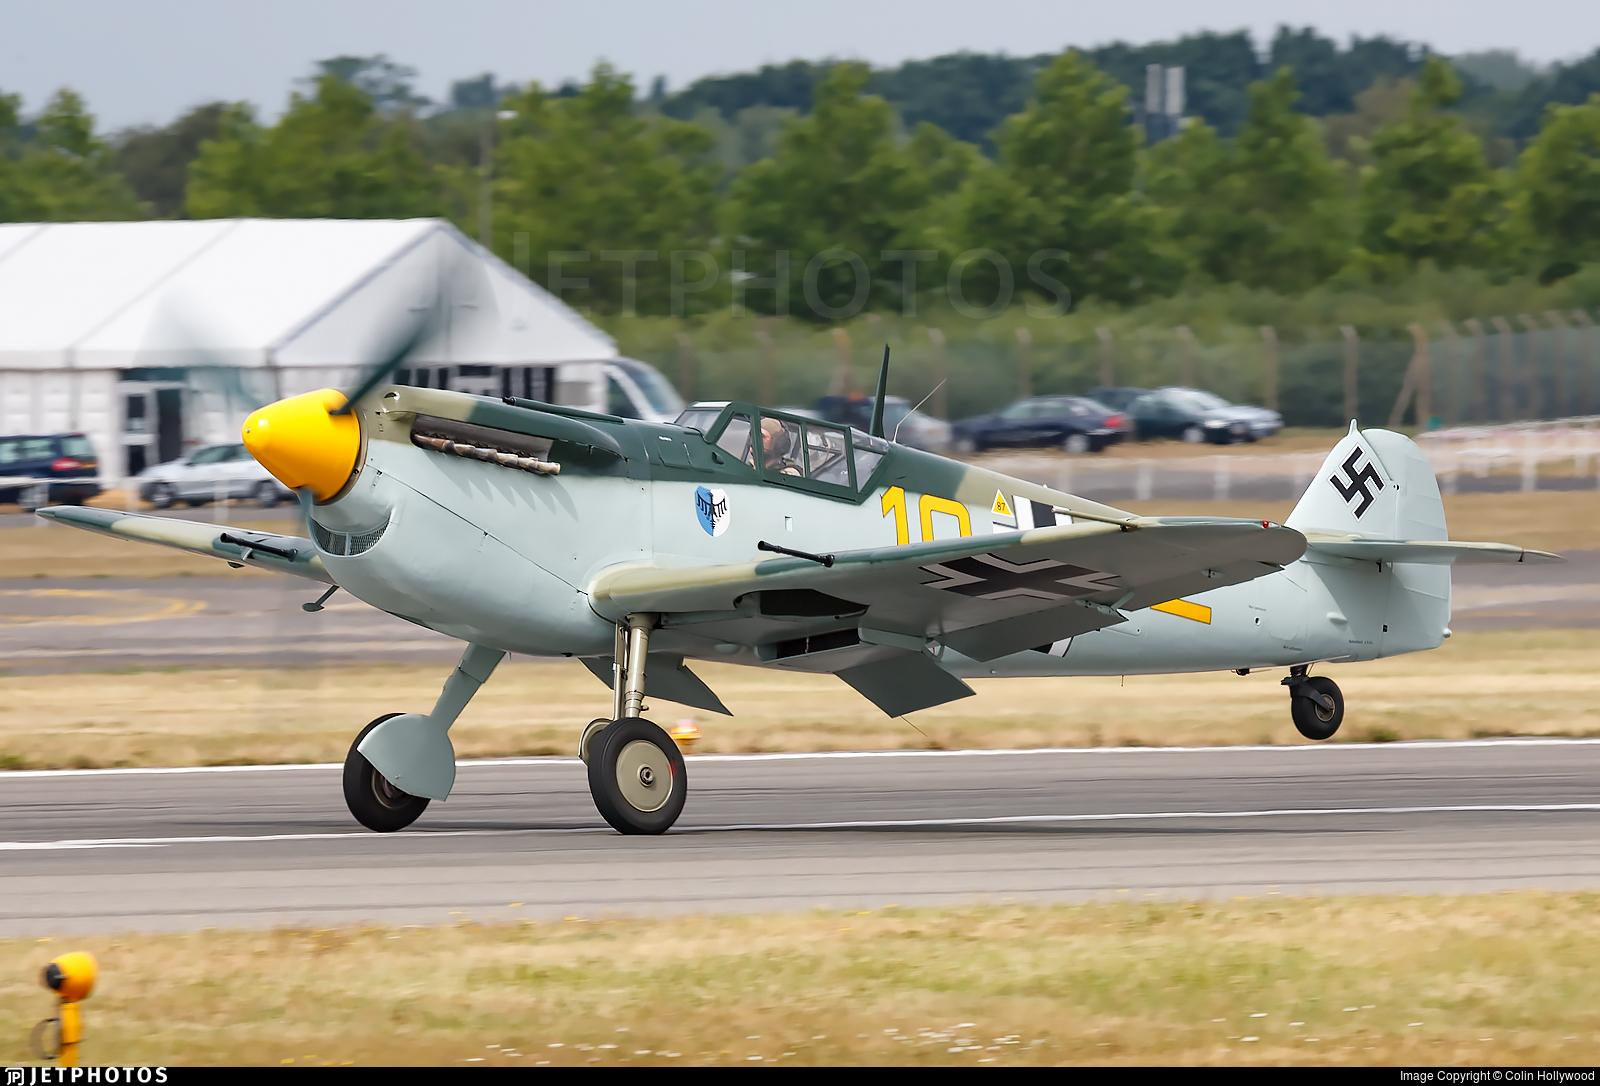 G-BWUE - Hispano HA1112 M1L Buchon - Private